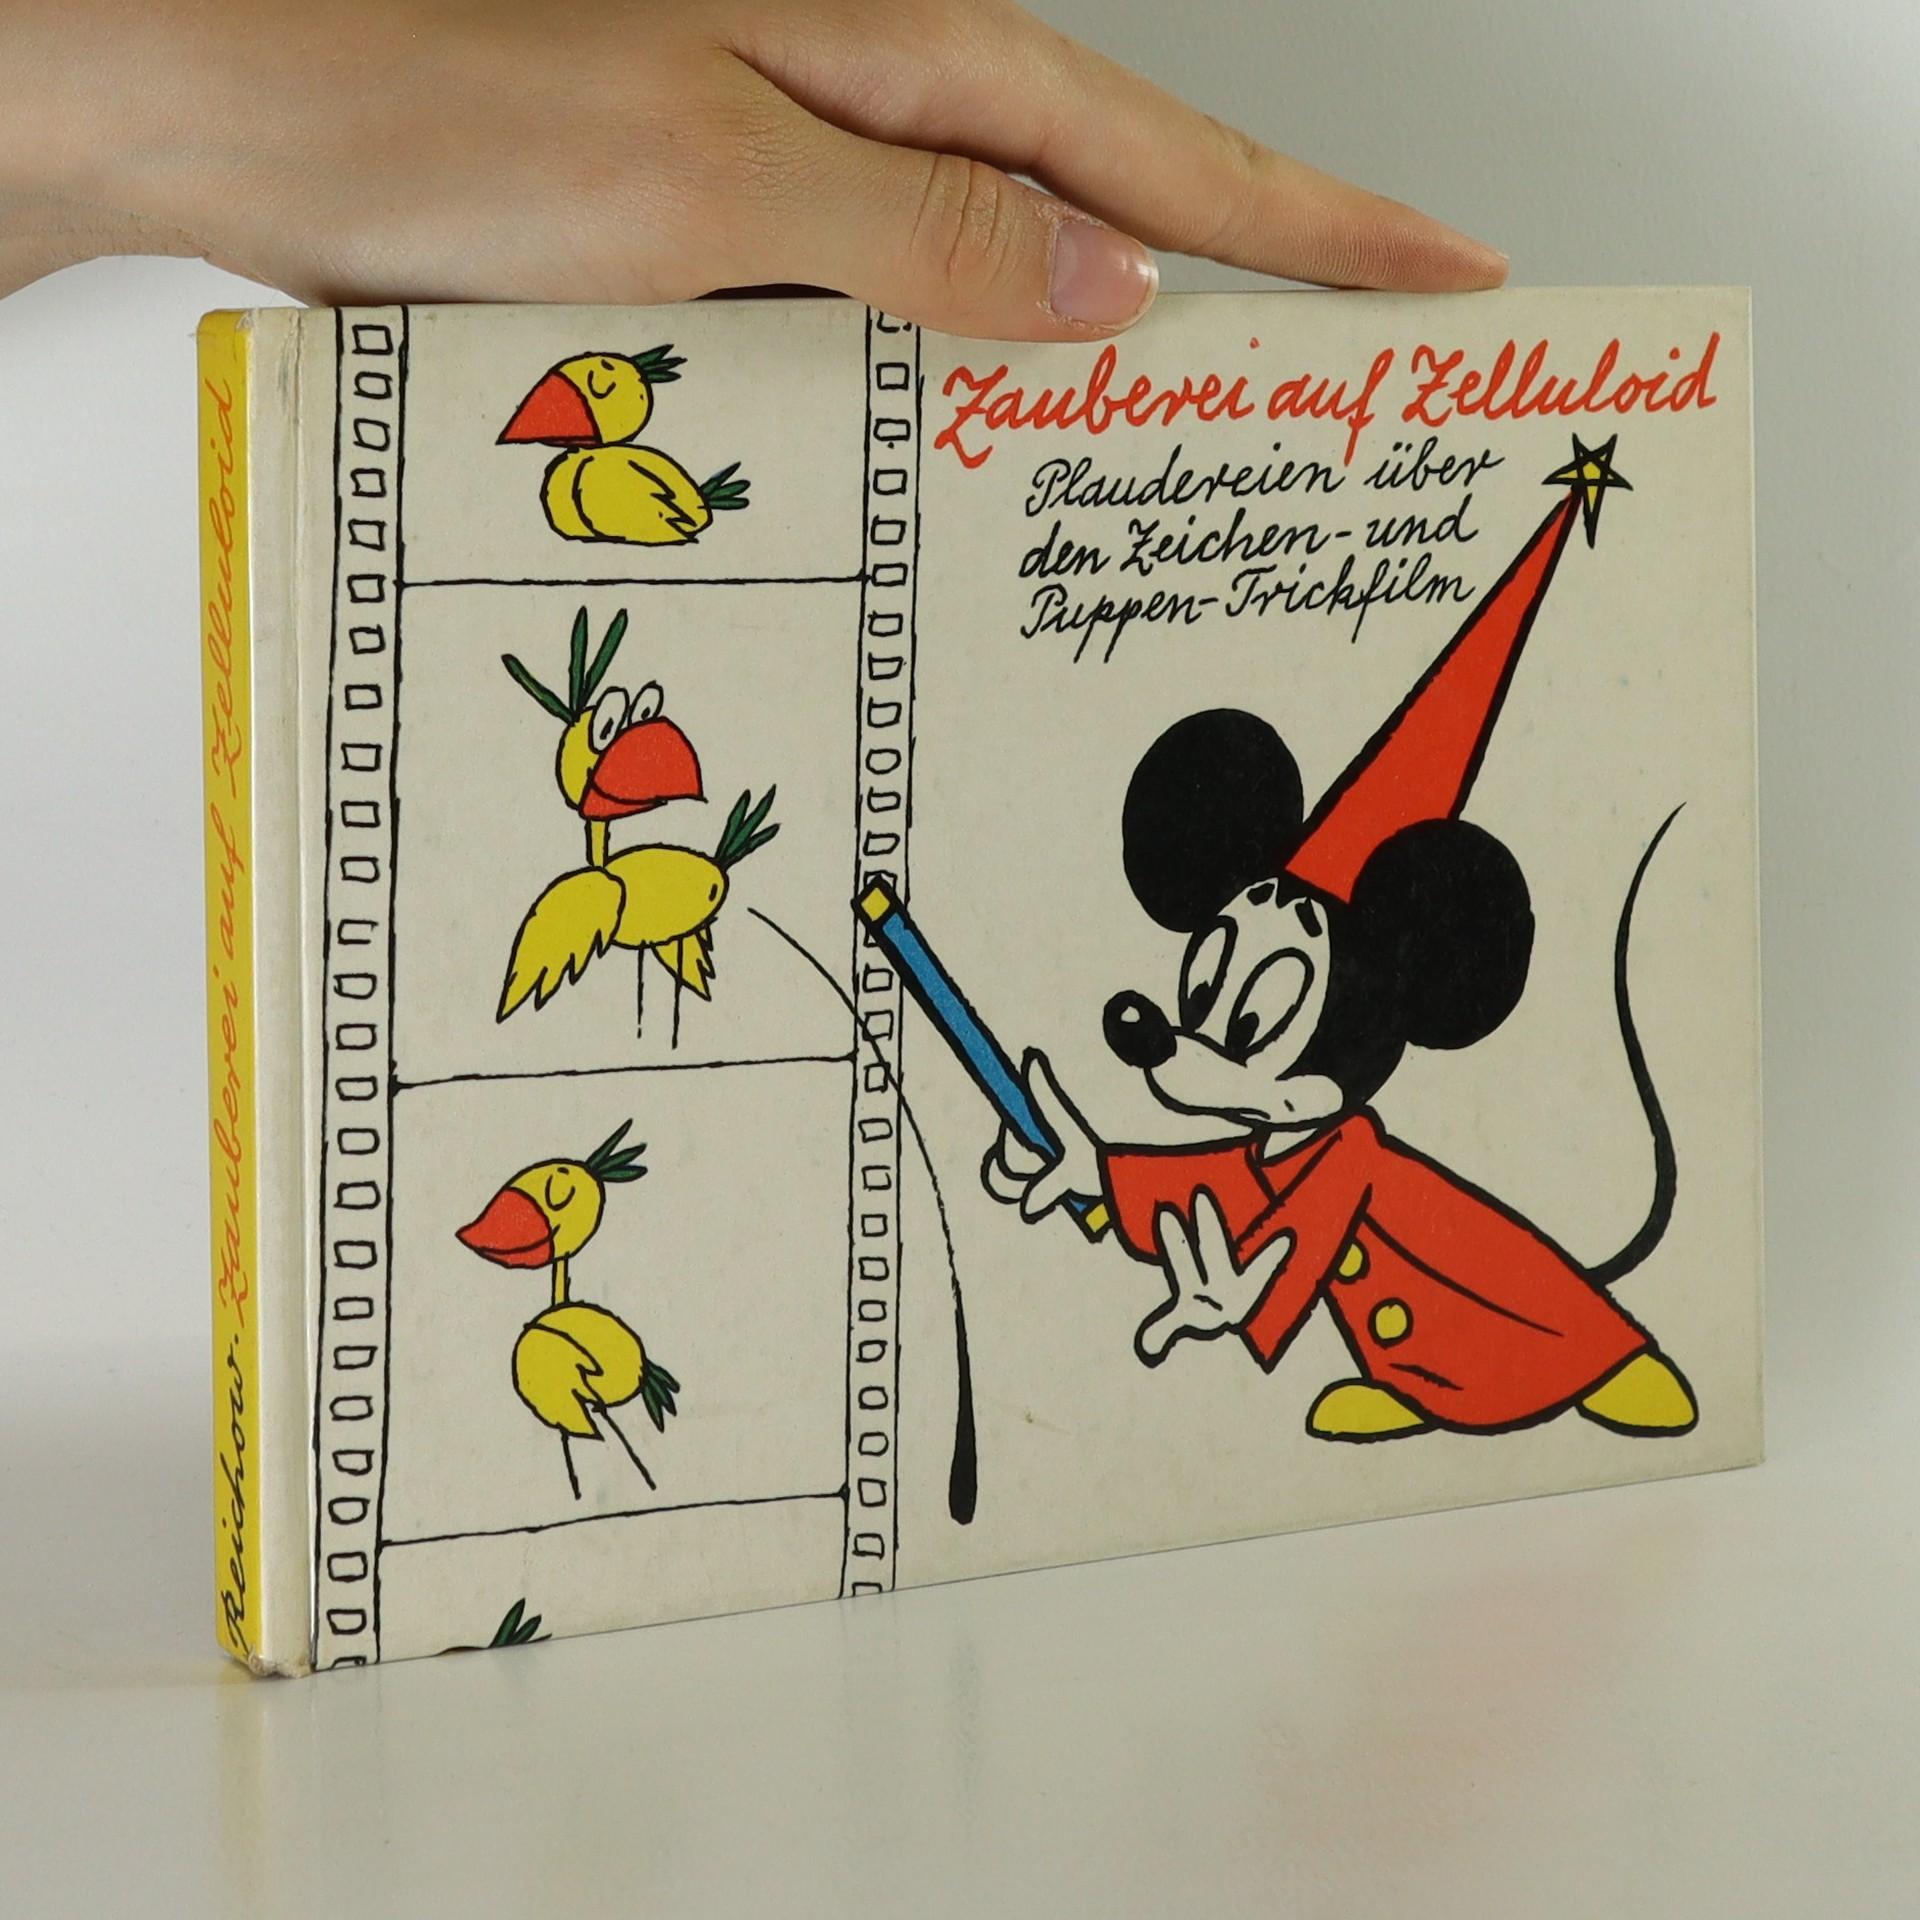 antikvární kniha Zauberei auf Zelluloid, 1966